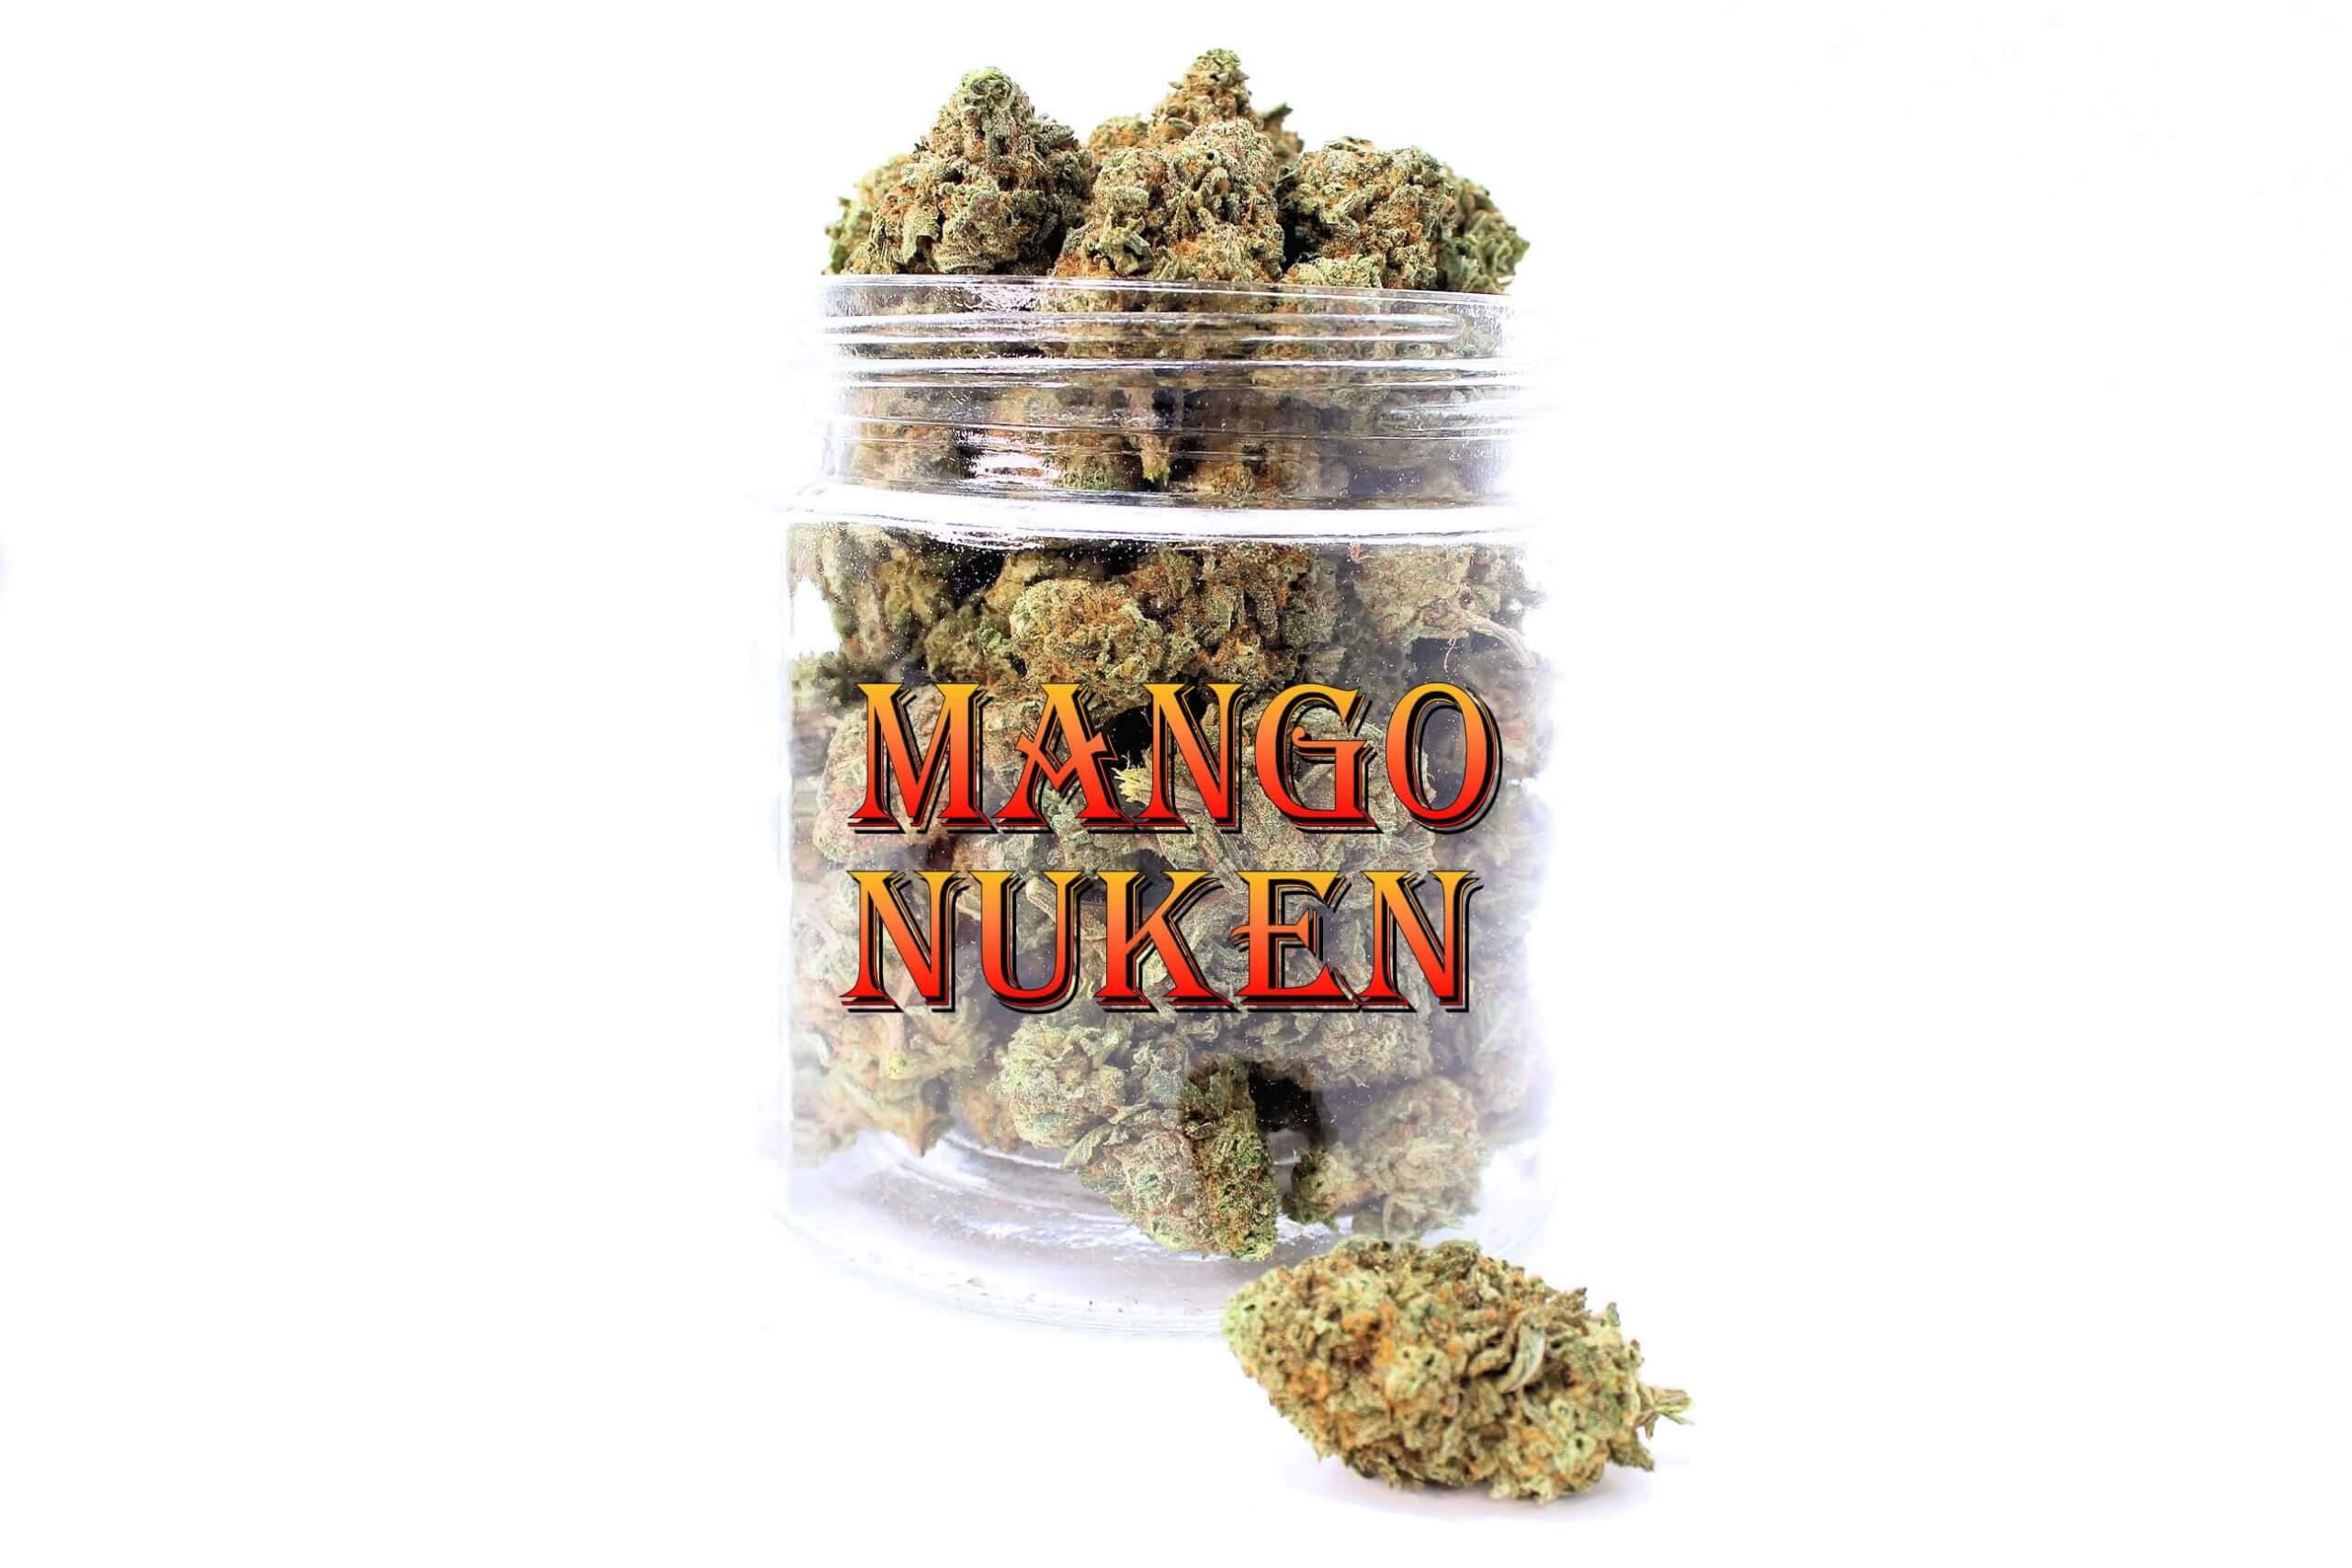 mango nuken for sale